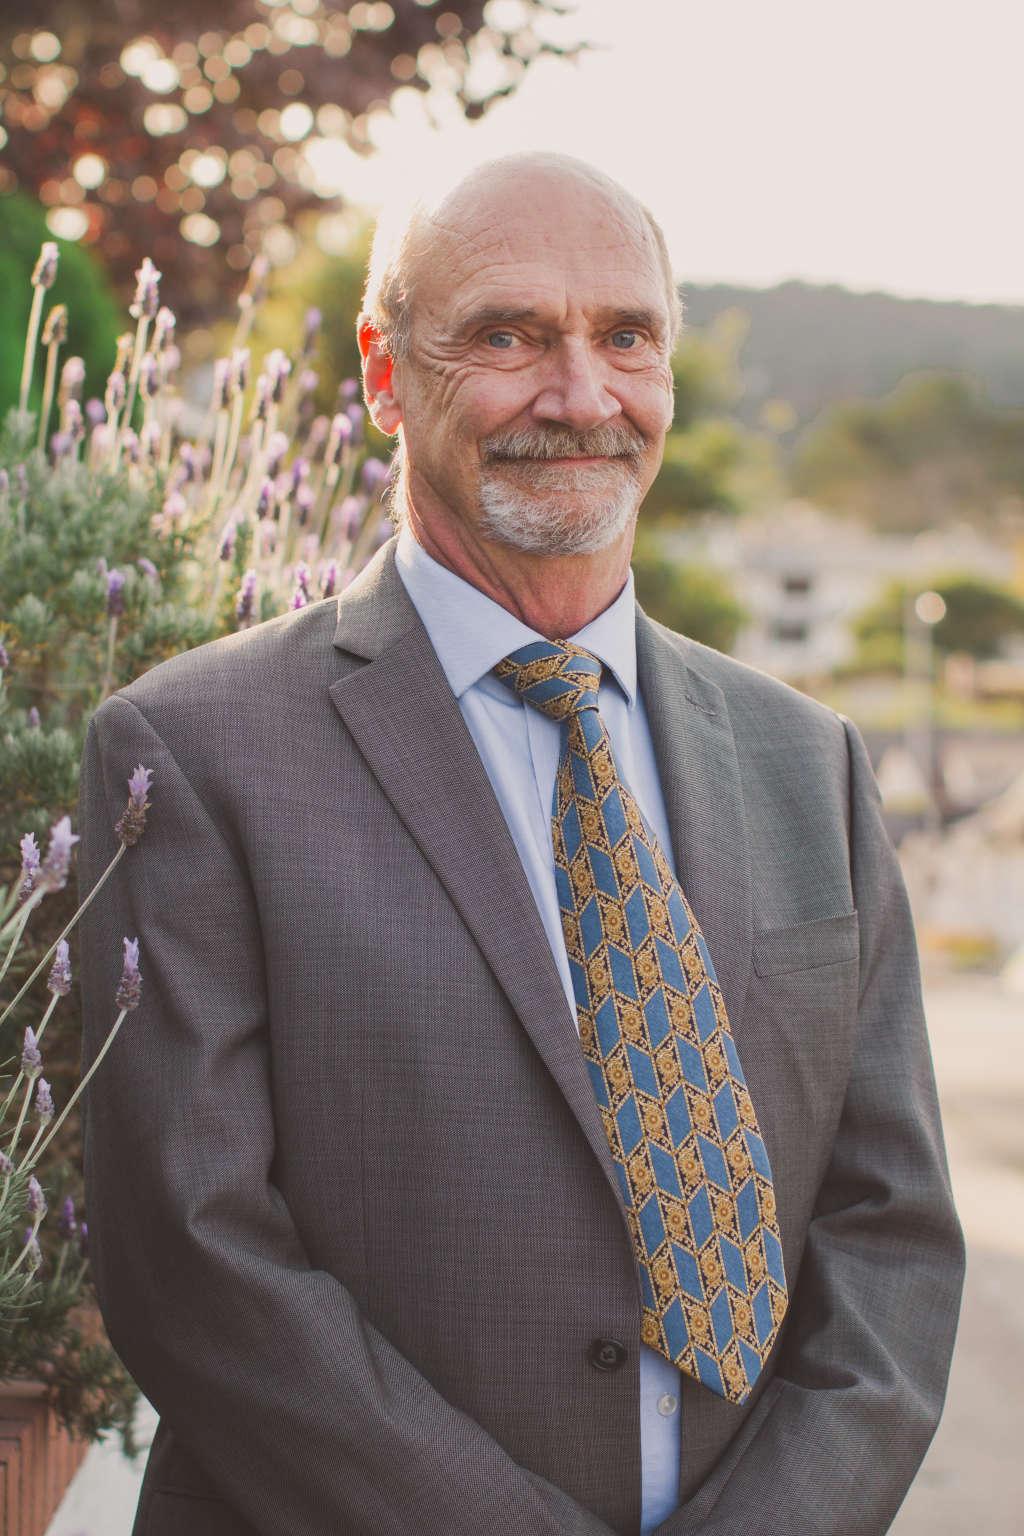 Dr. James Owen